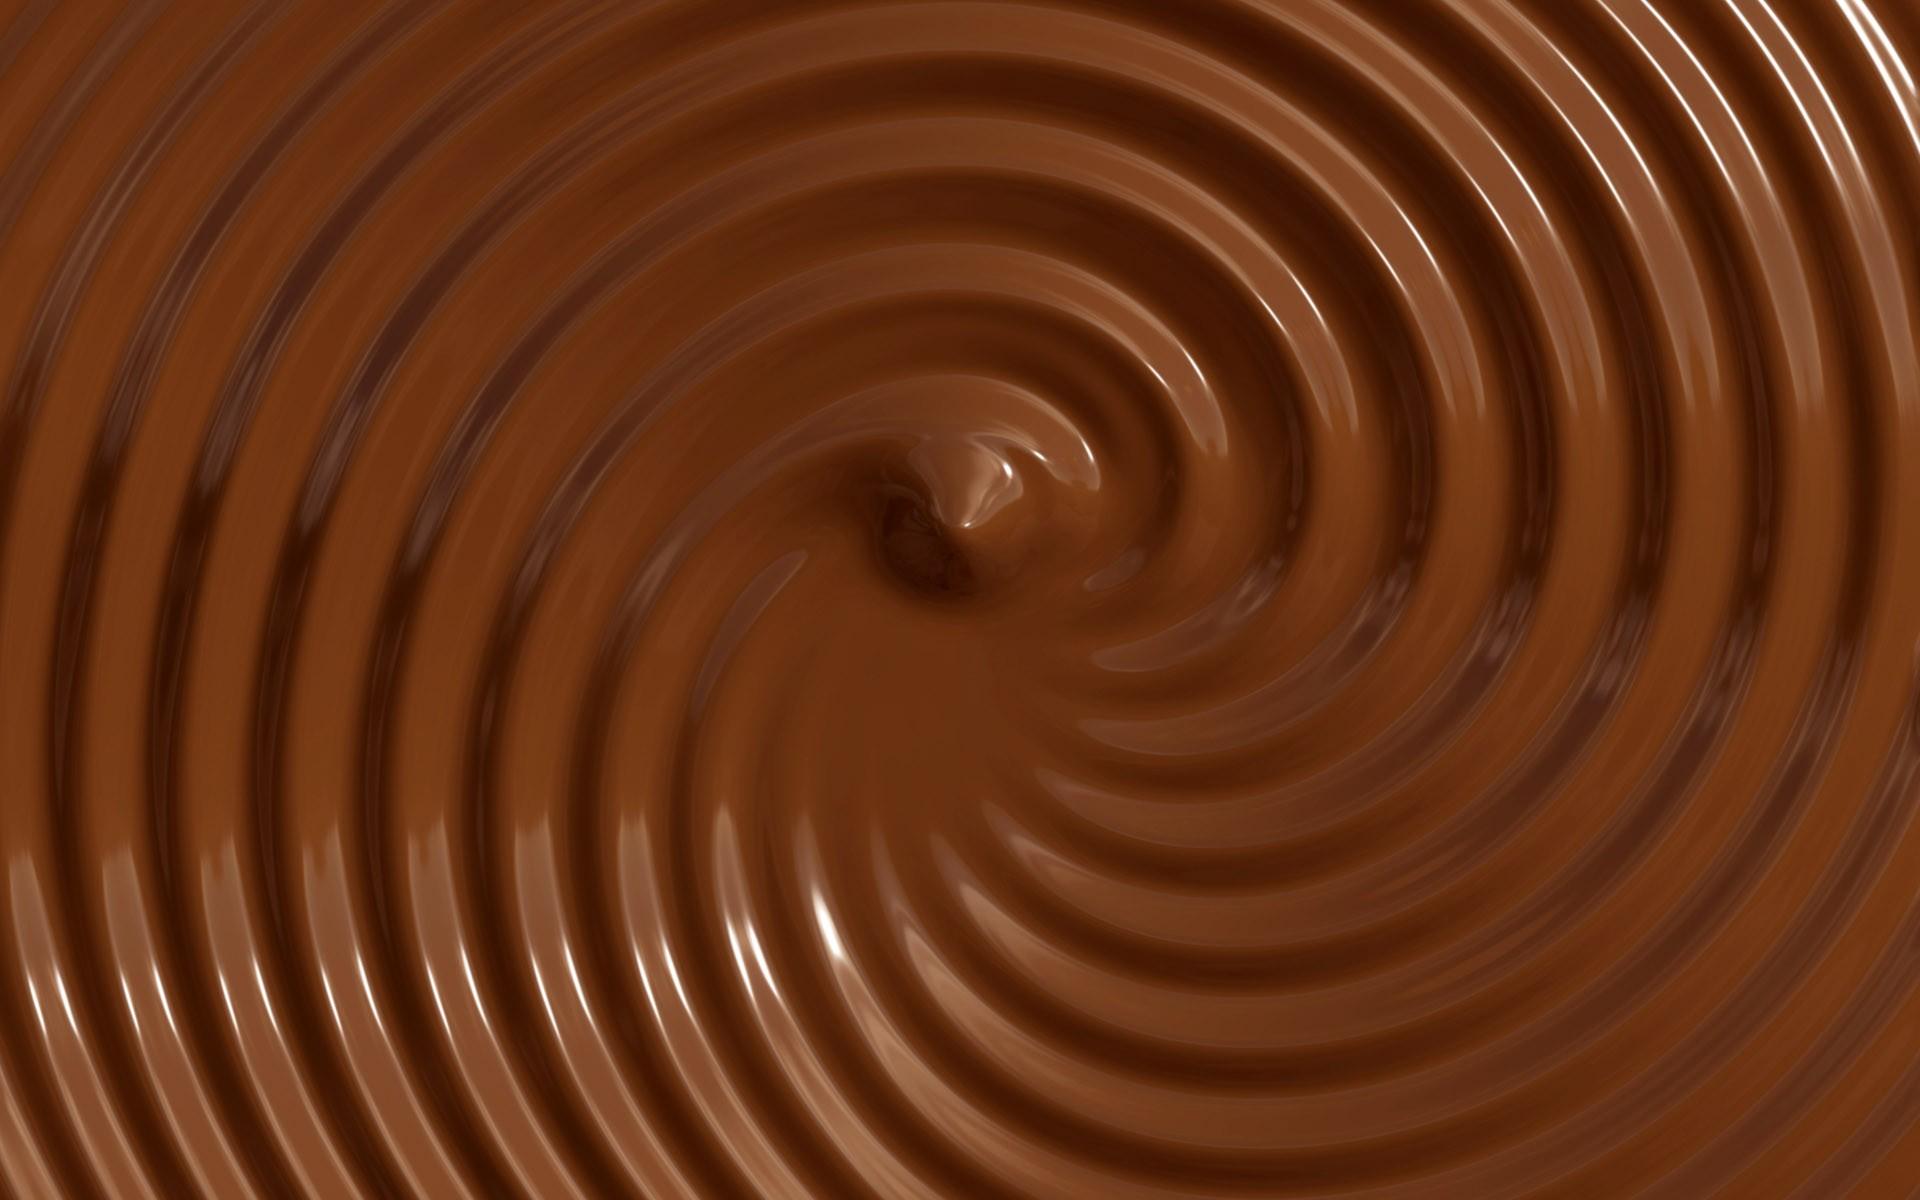 Фигура круг коричневый  № 2279665 загрузить